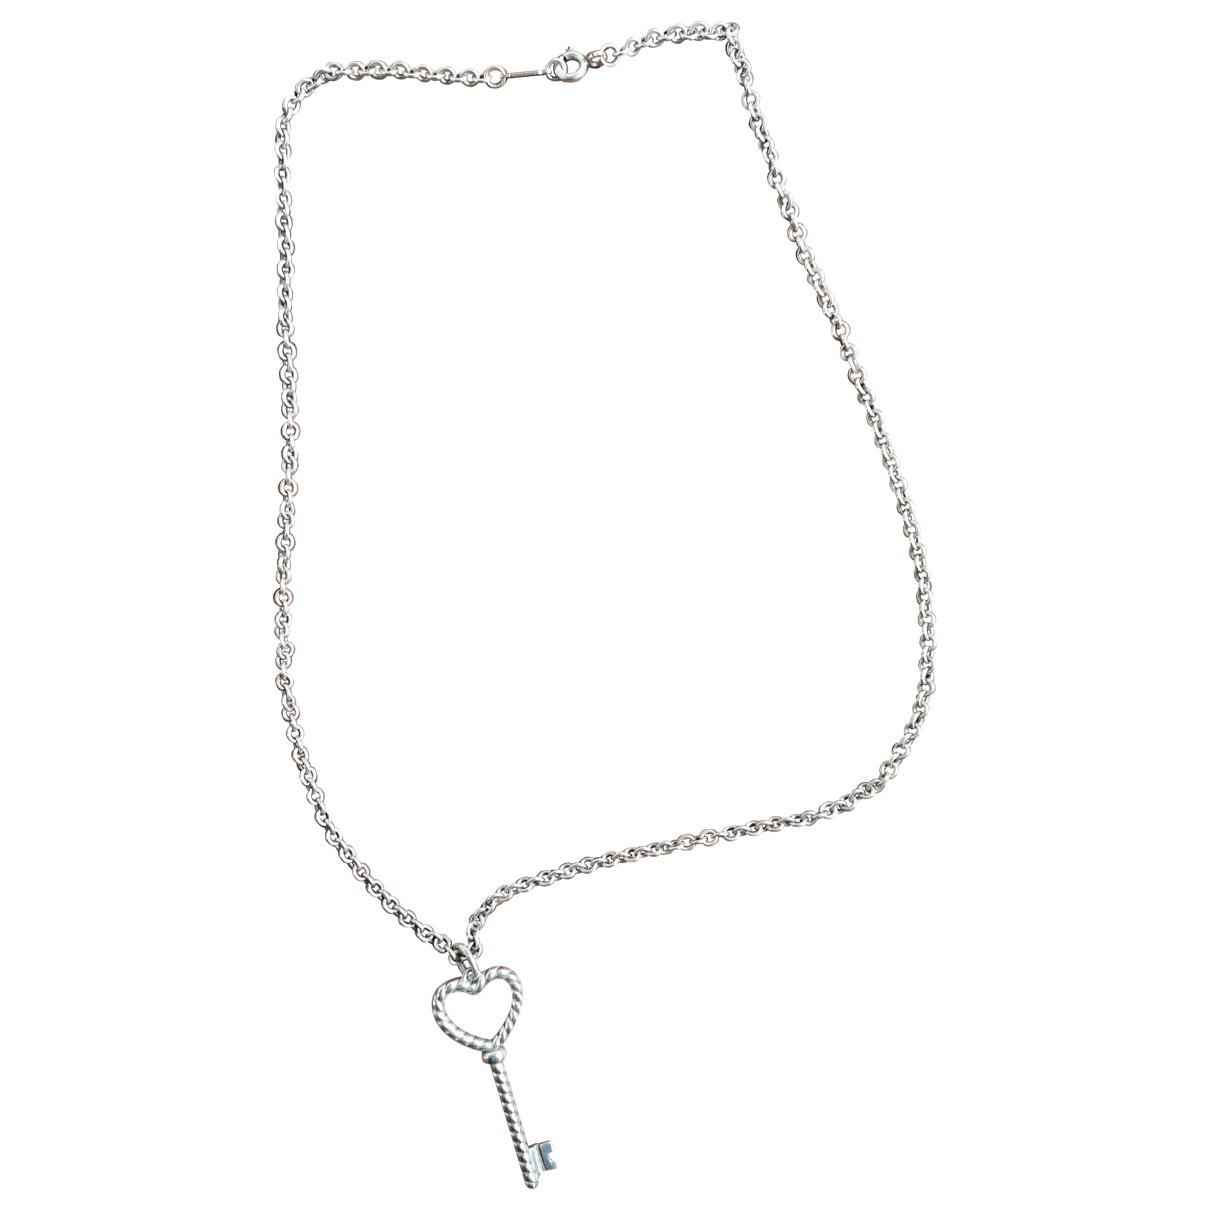 Tiffany & Co - Collier Cles Tiffany pour femme en argent